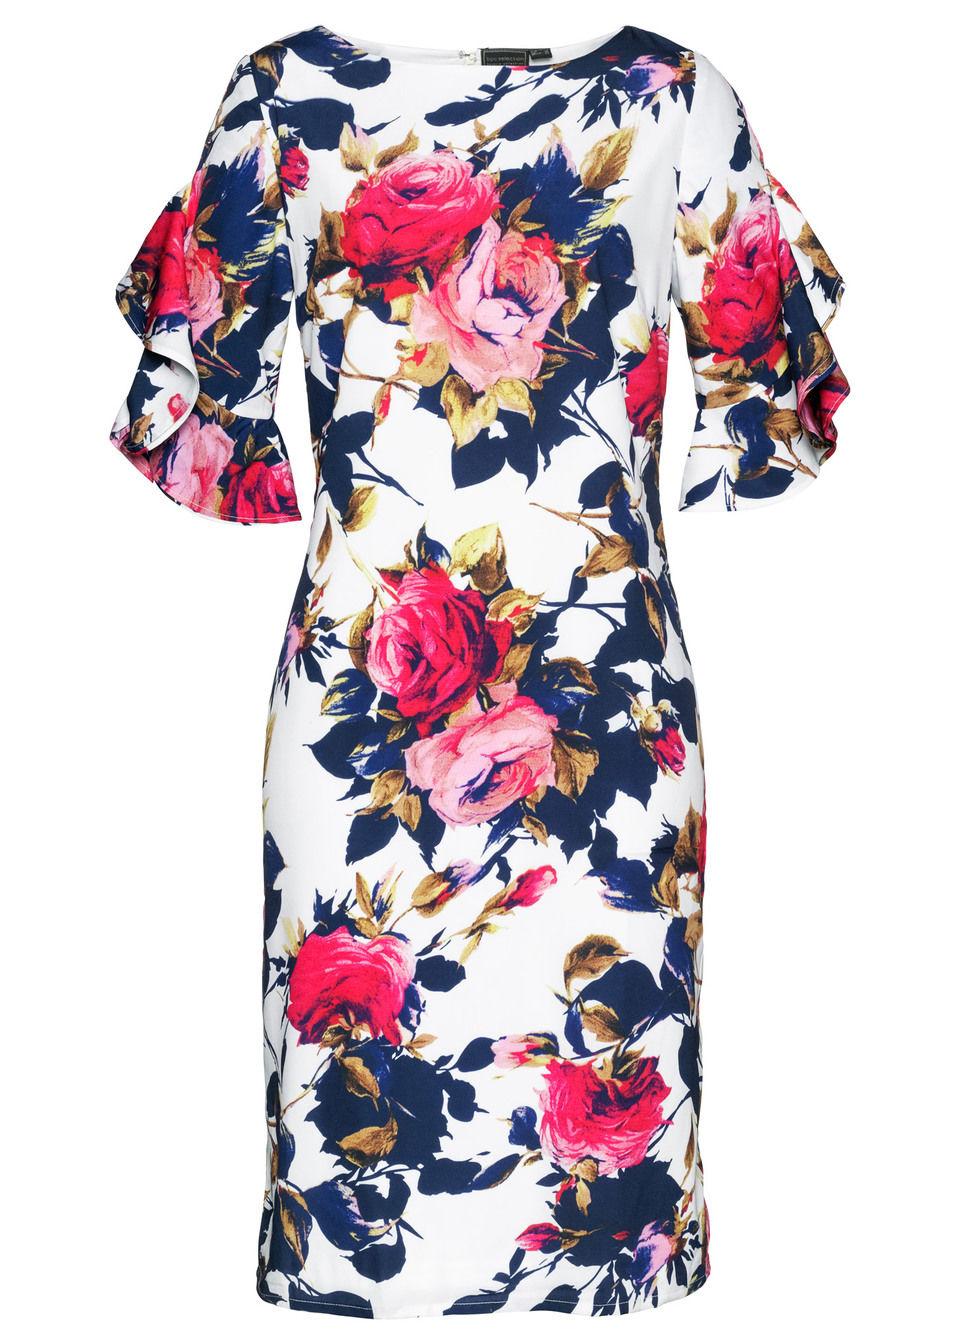 sukienki, odzież - kolekcja wiosenna sukienka bonprix ecru-kolorowy - bonprix